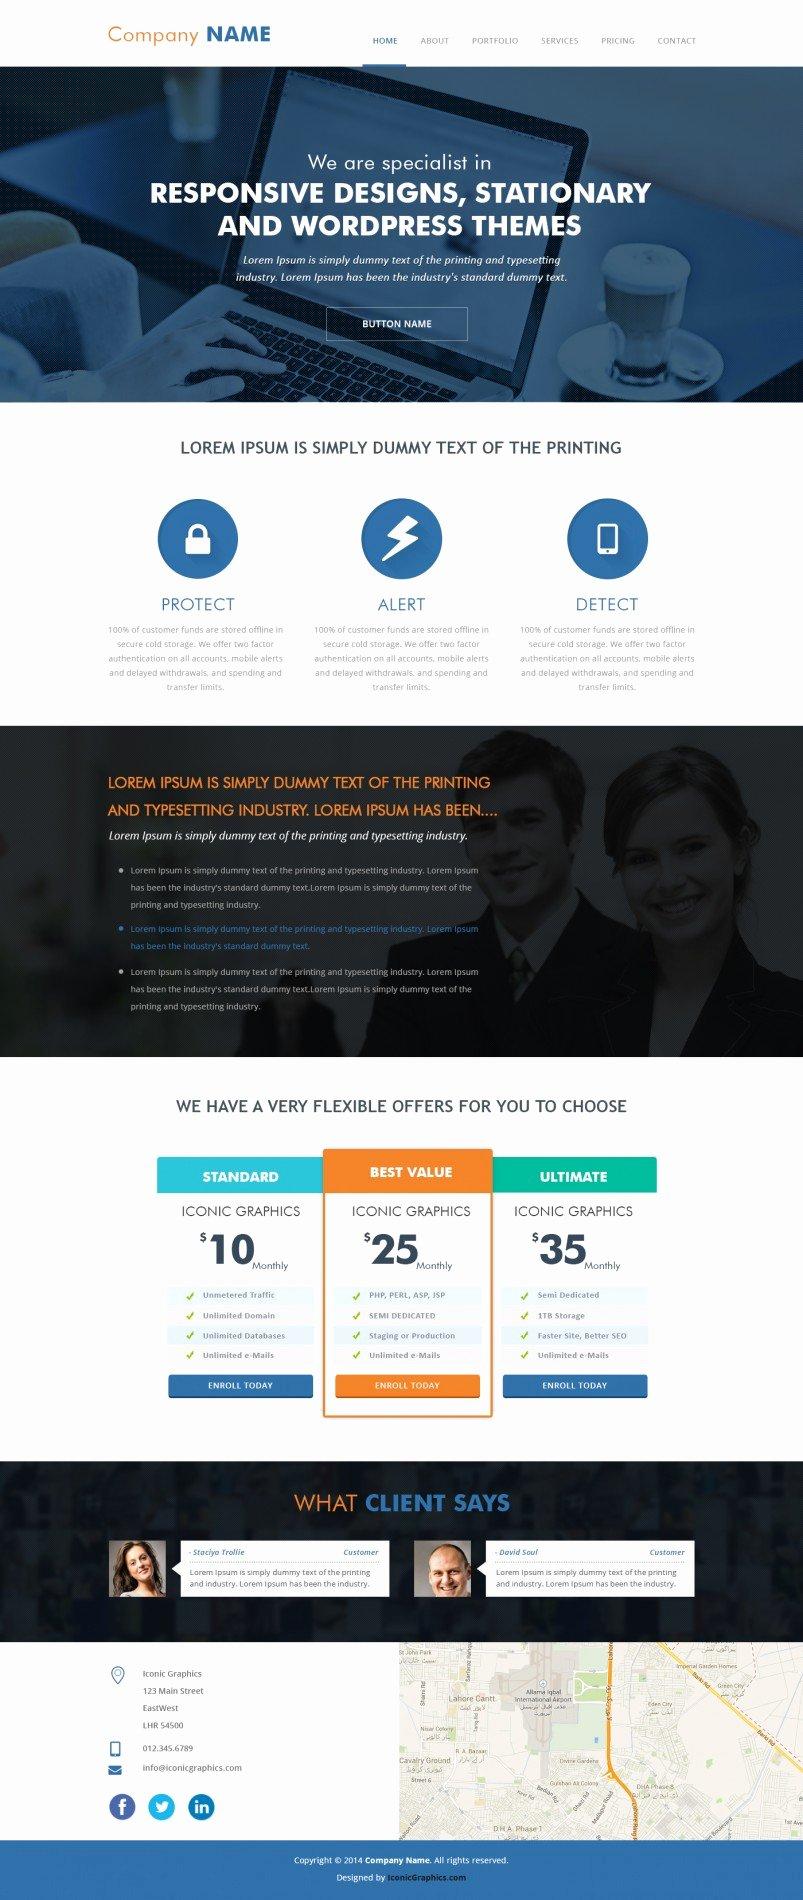 Free Parallax Website Template Inspirational Parallax Psd Template